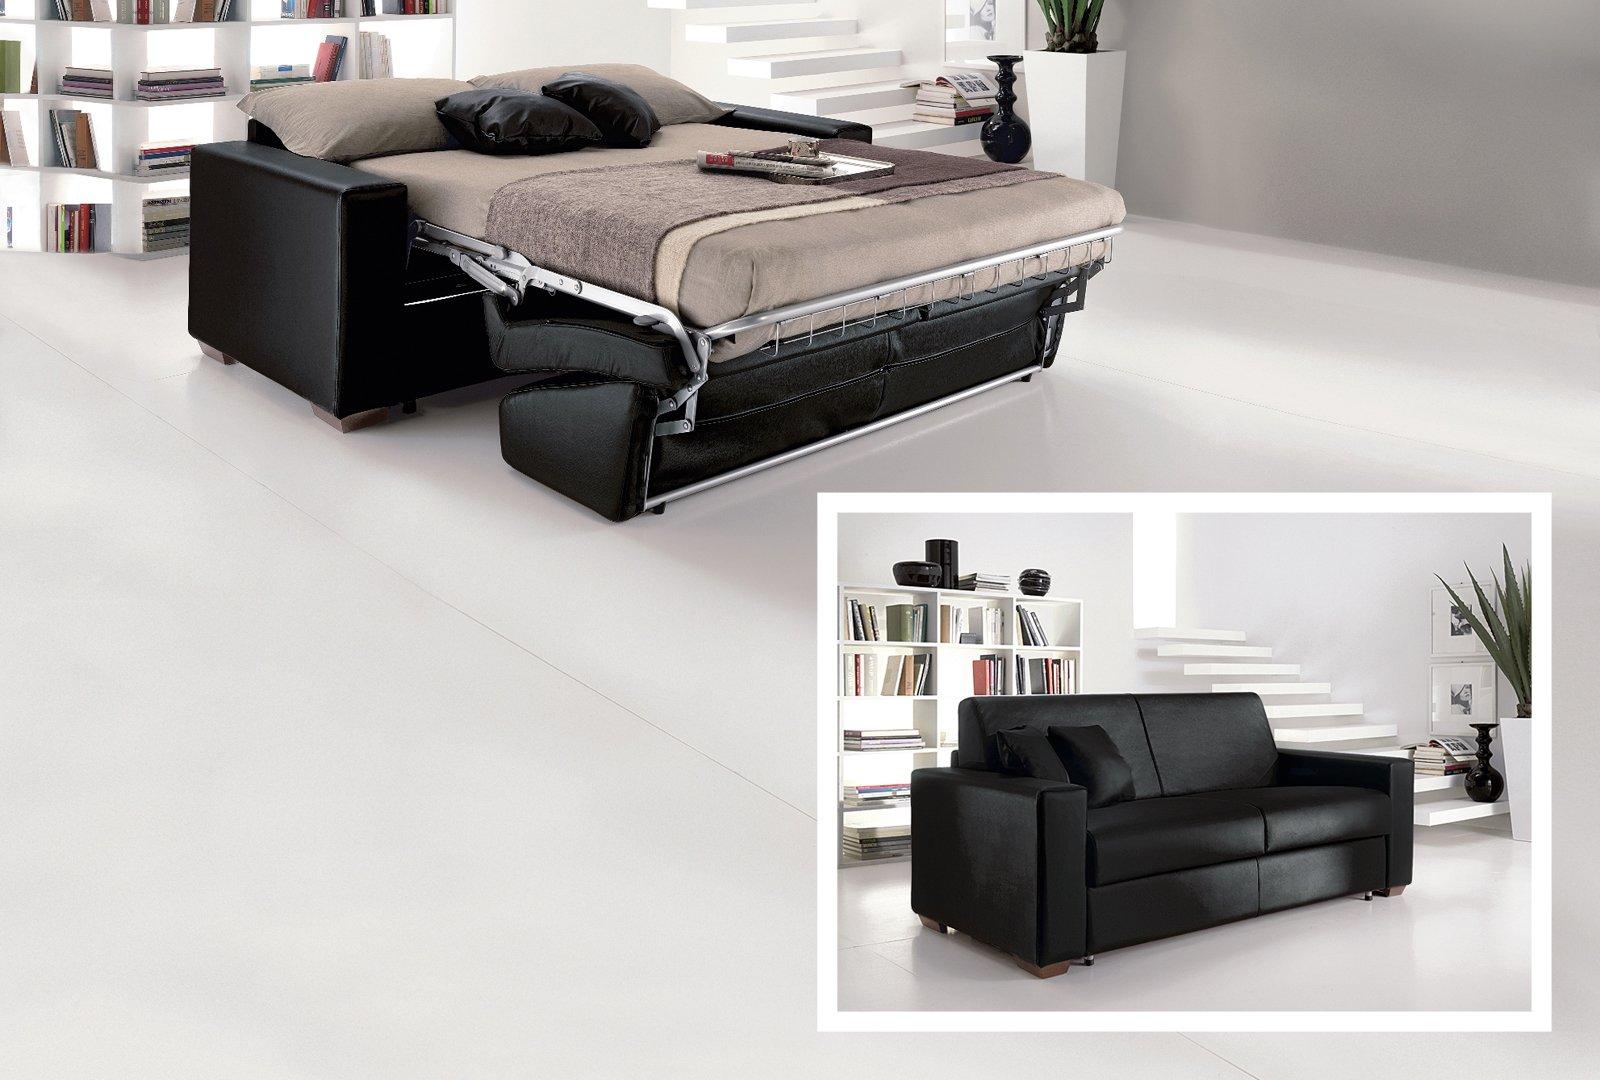 Divani letto per risparmiare spazio cose di casa - Divano letto singolo mondo convenienza ...